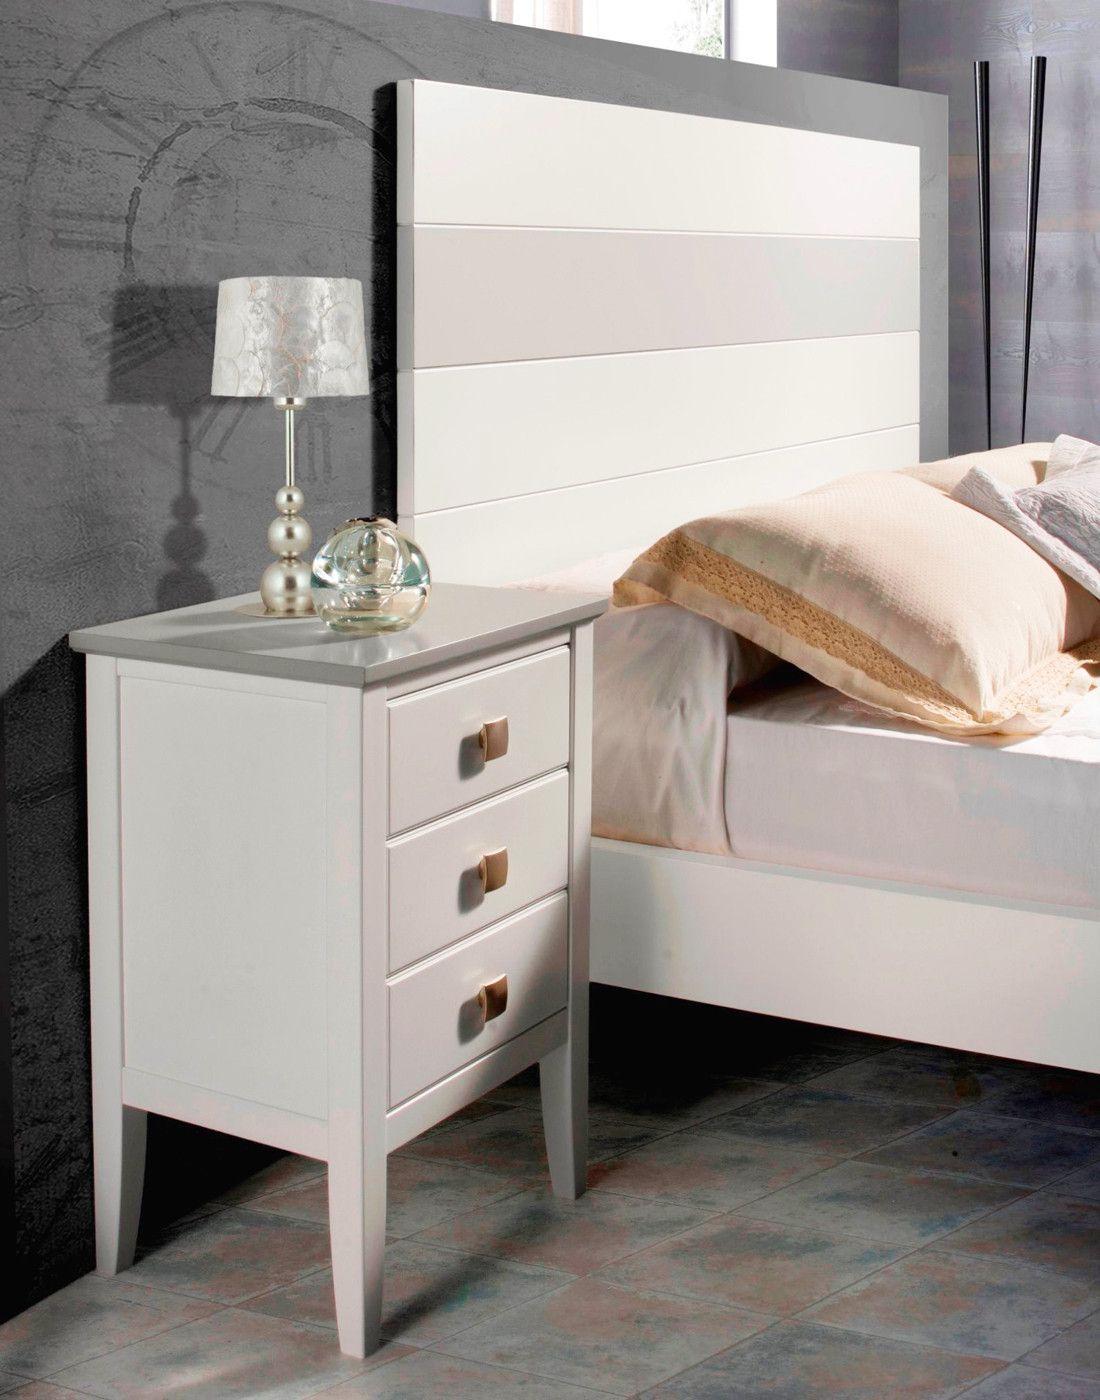 Dormitorio con cabecero lamas madera - haya